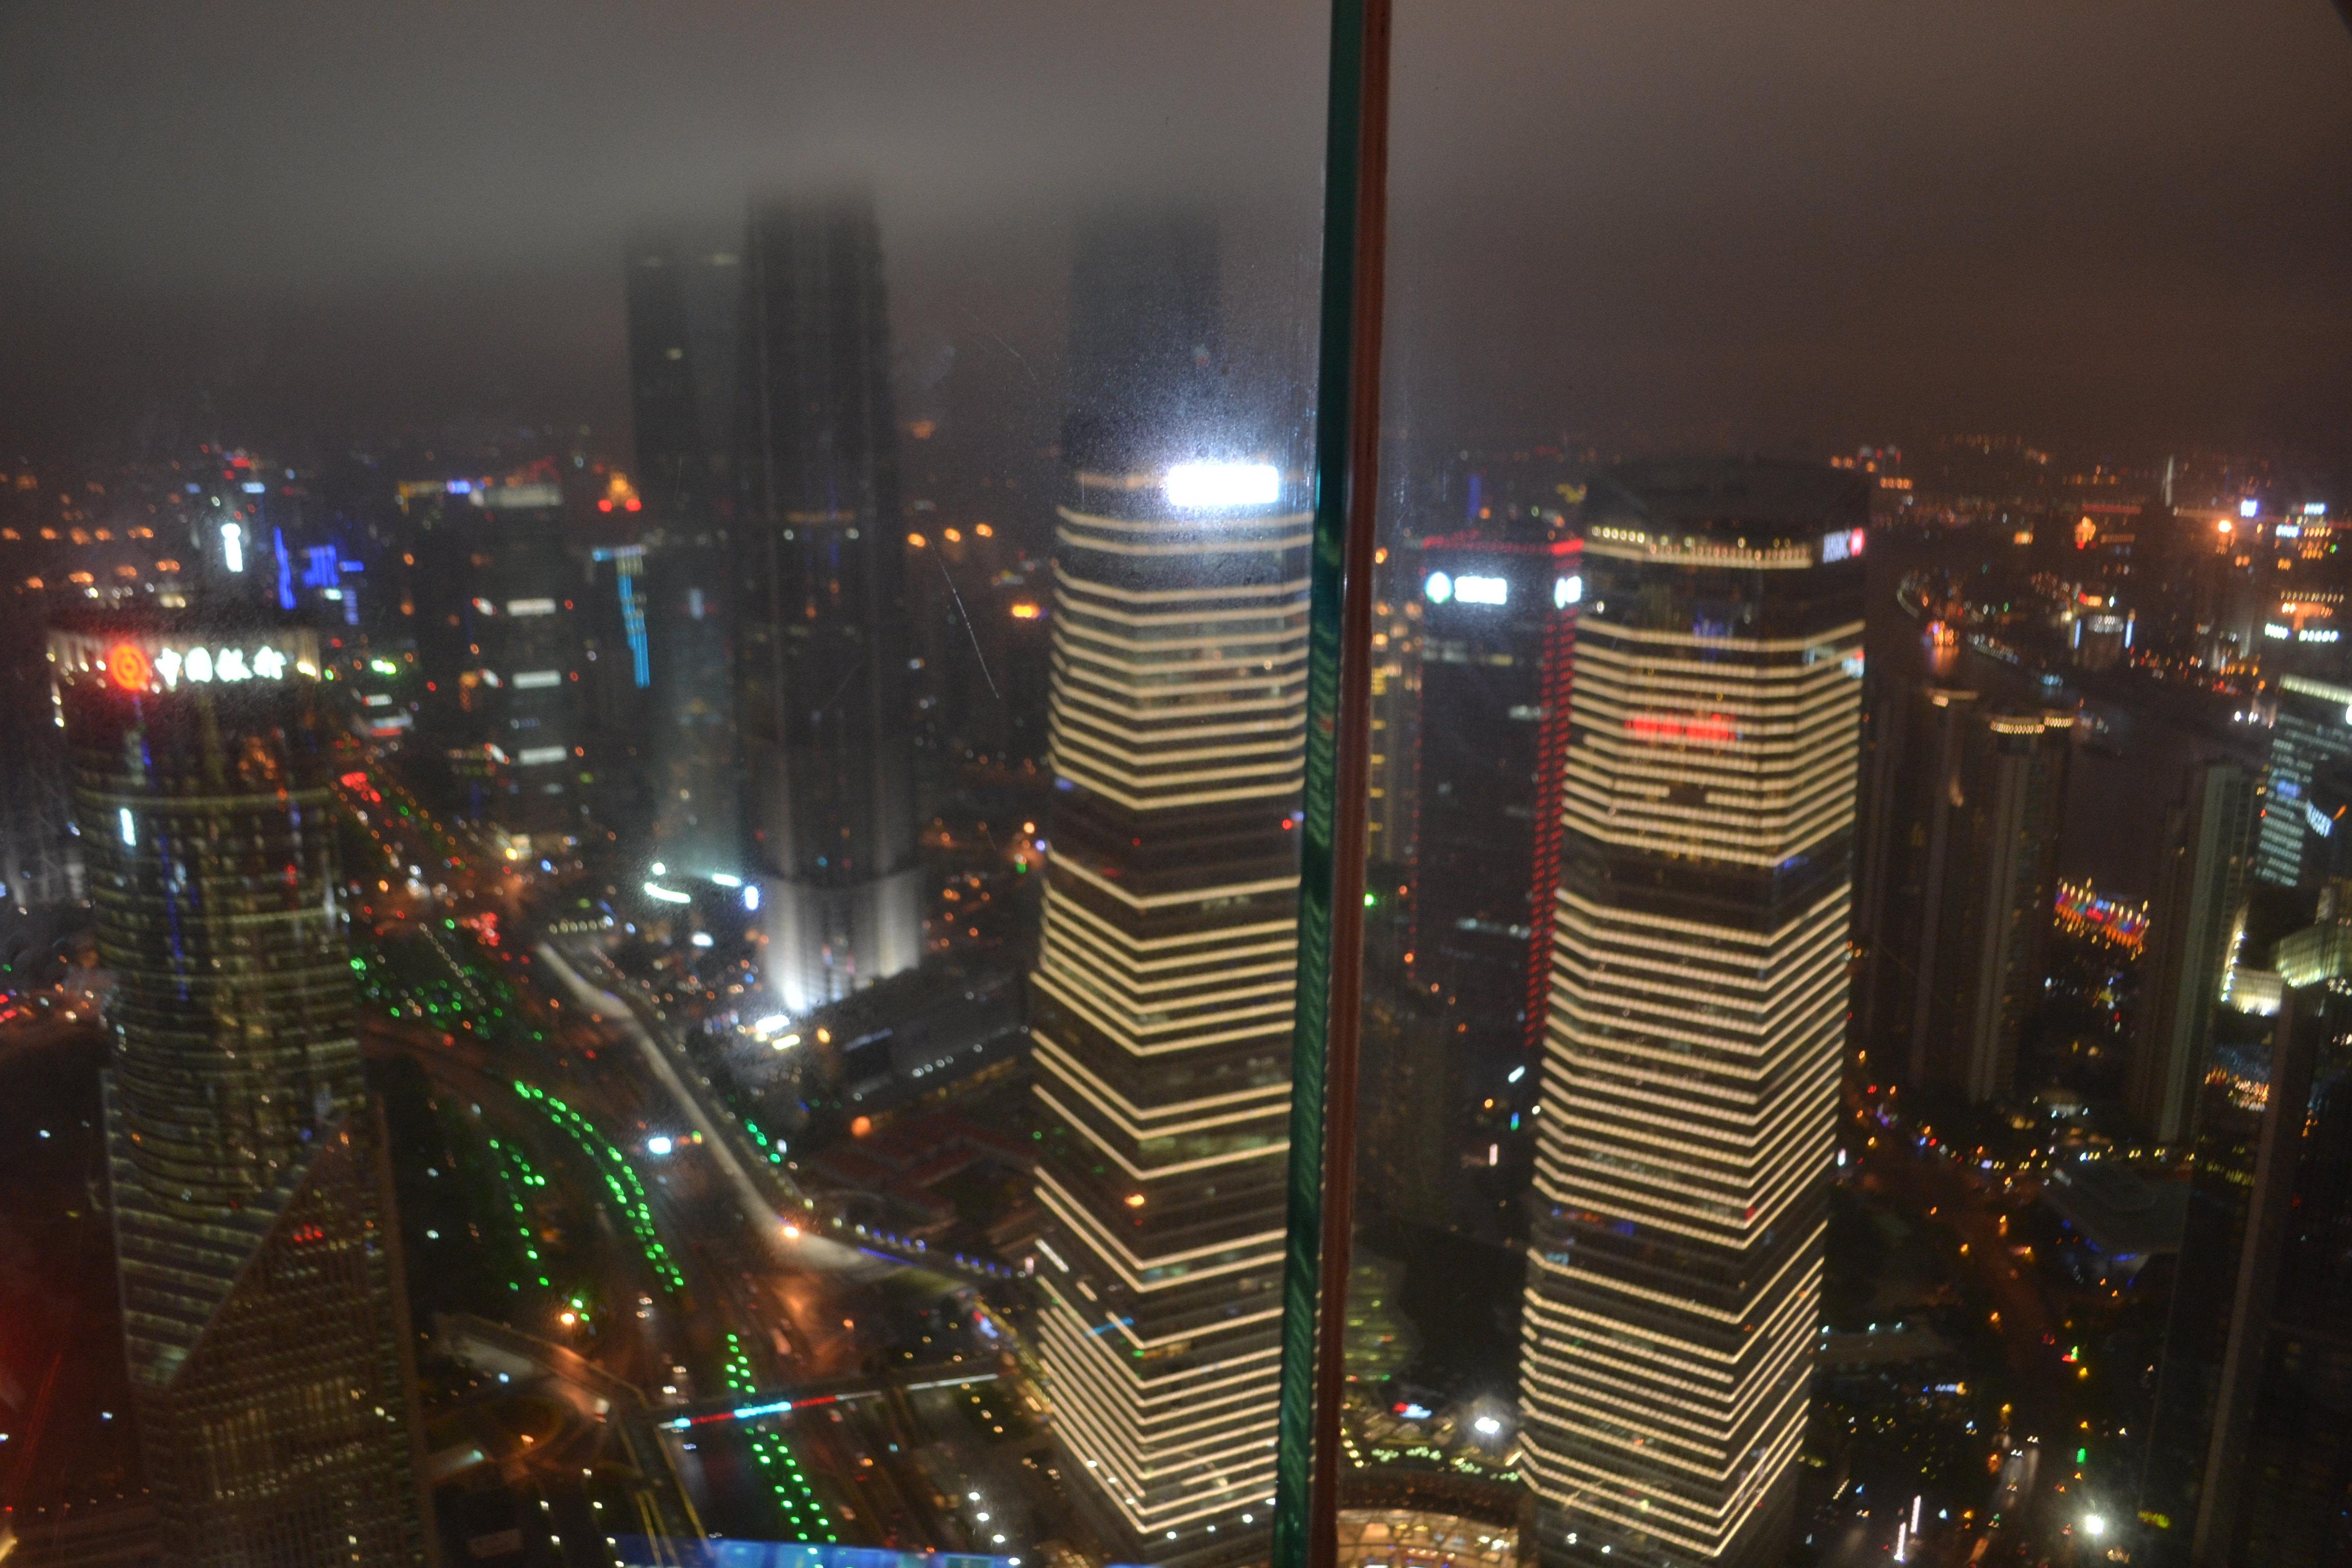 2012欧洲杯_Tencent Weibo台州互联星空棋牌下载官方网站,包含海量资讯的新闻服务平台,真实反映每时每刻的娱乐登陆官网官网新闻热点。台州互联星空棋牌下载是权威专业体育新闻资讯网站。 - 基.